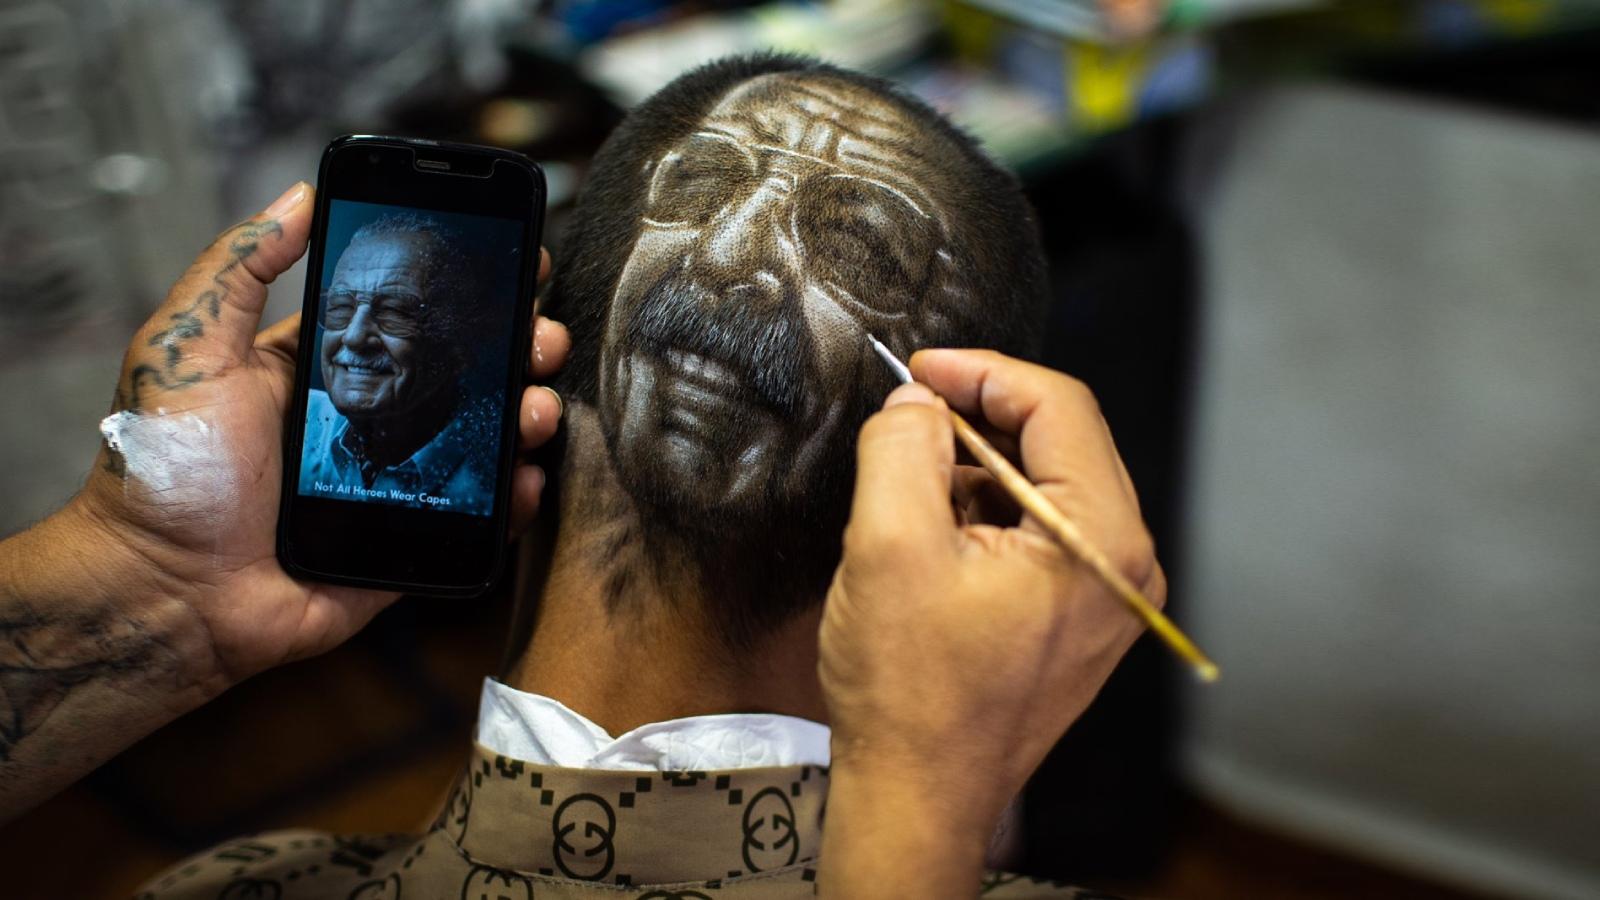 Cabezas lienzo: peluquería hiperrealista en Cali